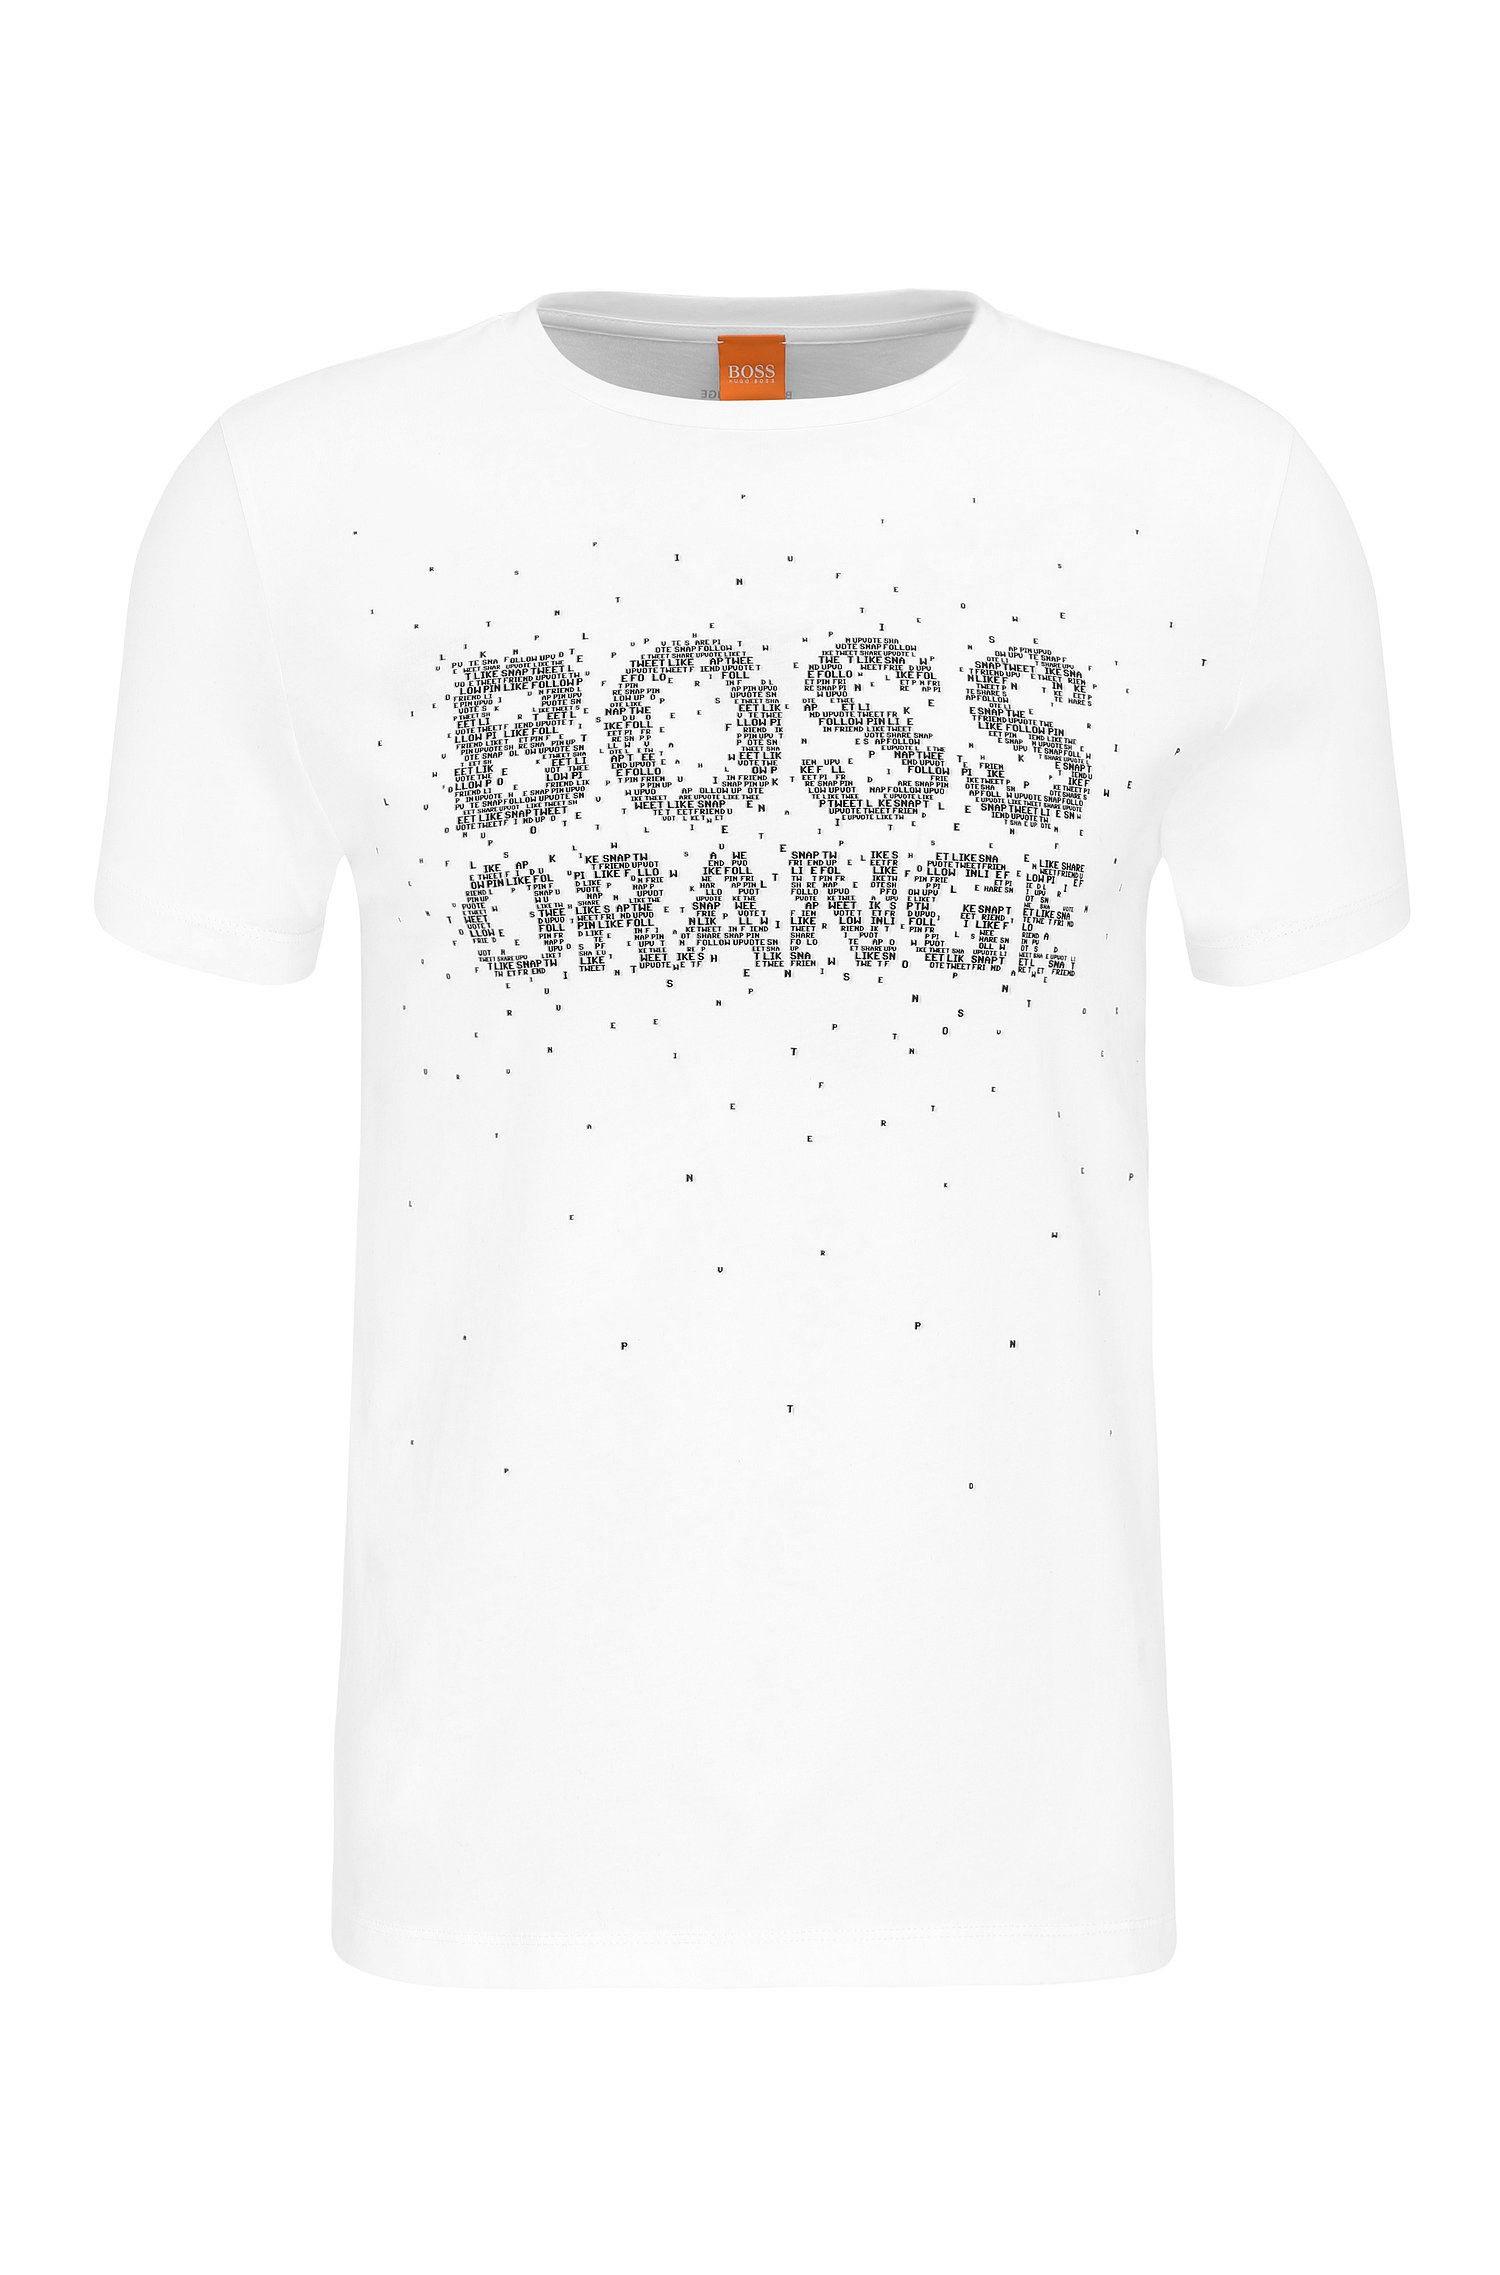 'Turbulence' | Cotton Graphic T-Shirt